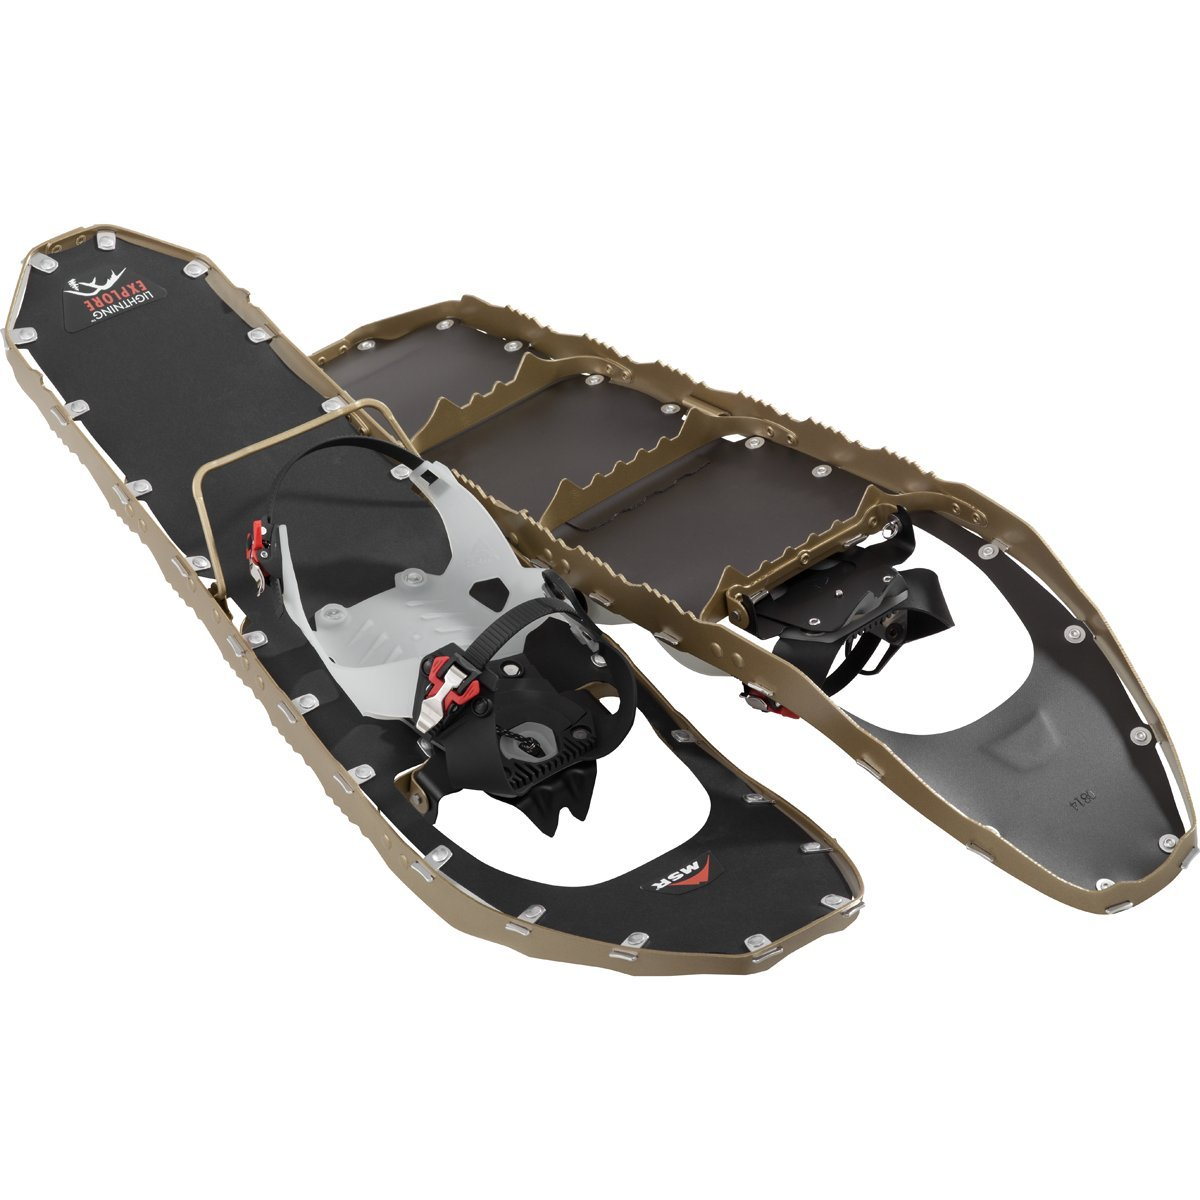 MSR Lightning Explore Zapatillas de nieve para senderismo y senderismo